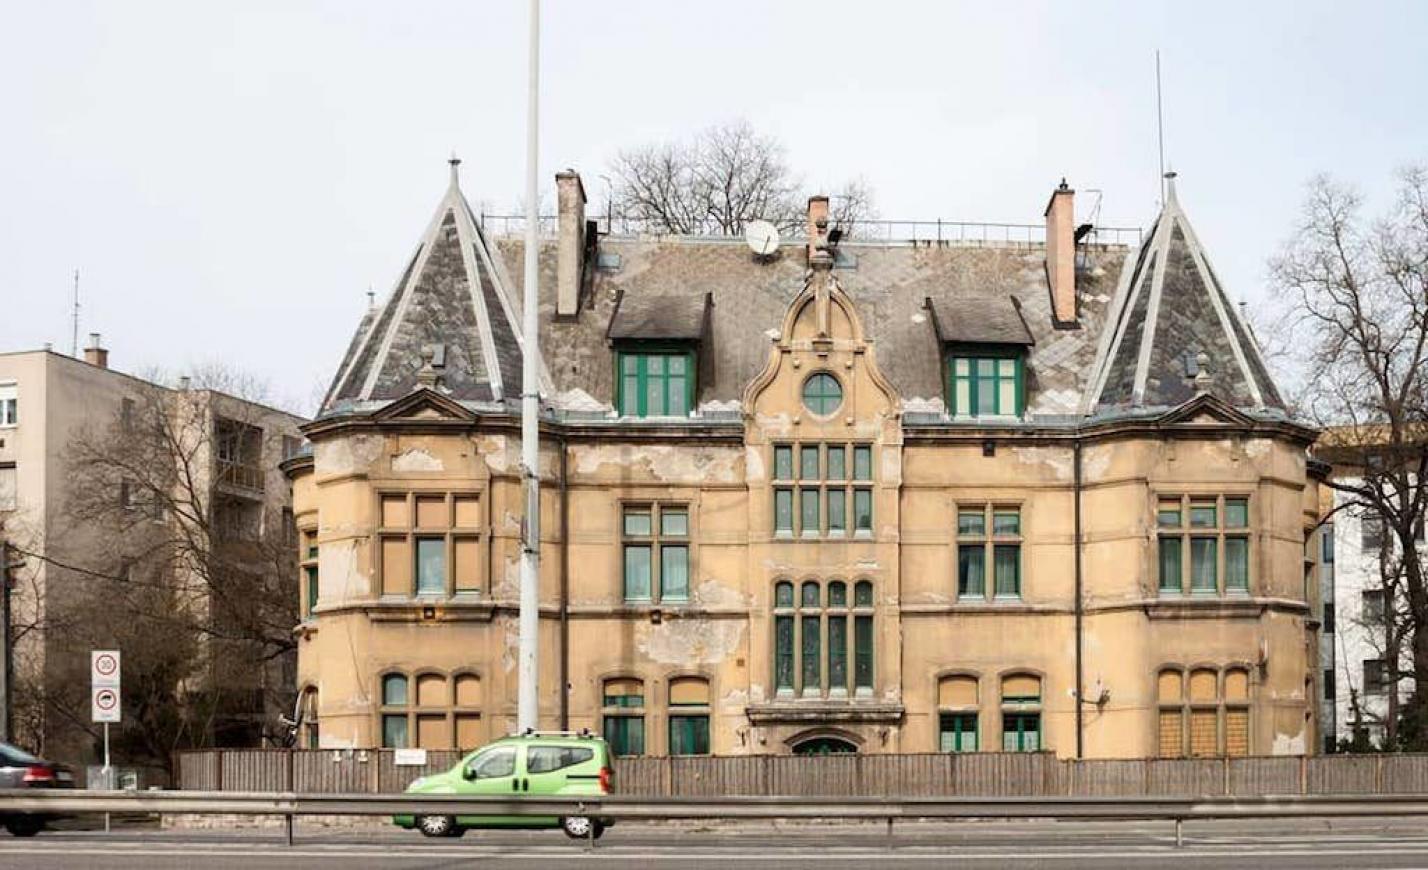 Angol tájba illő kastély áll Budapest peremén